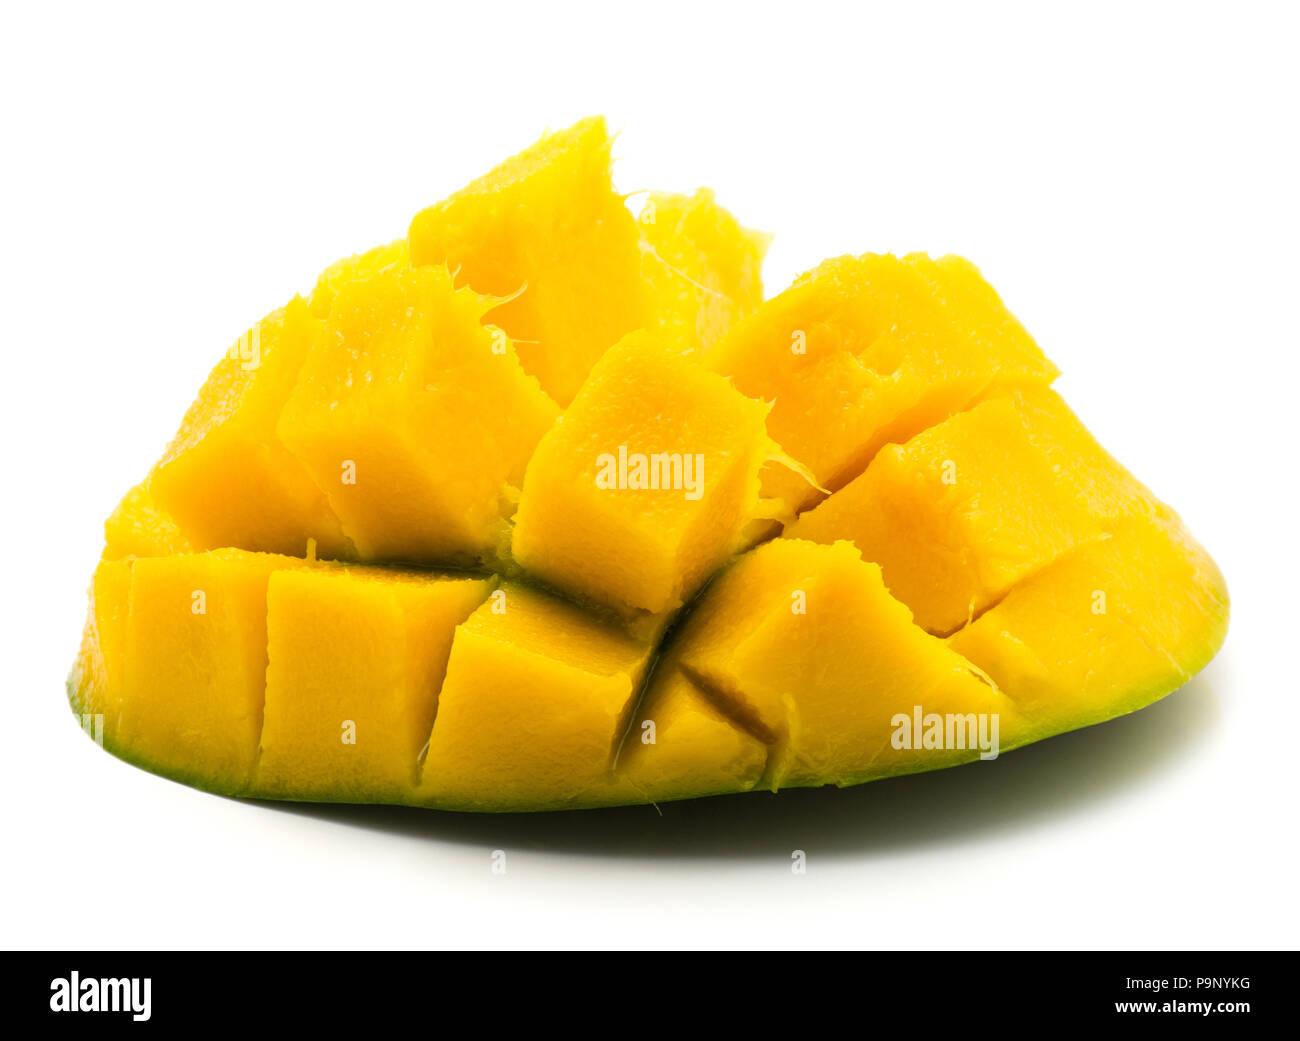 Sliced mango hedgehog shape isolated on white background one half - Stock Image